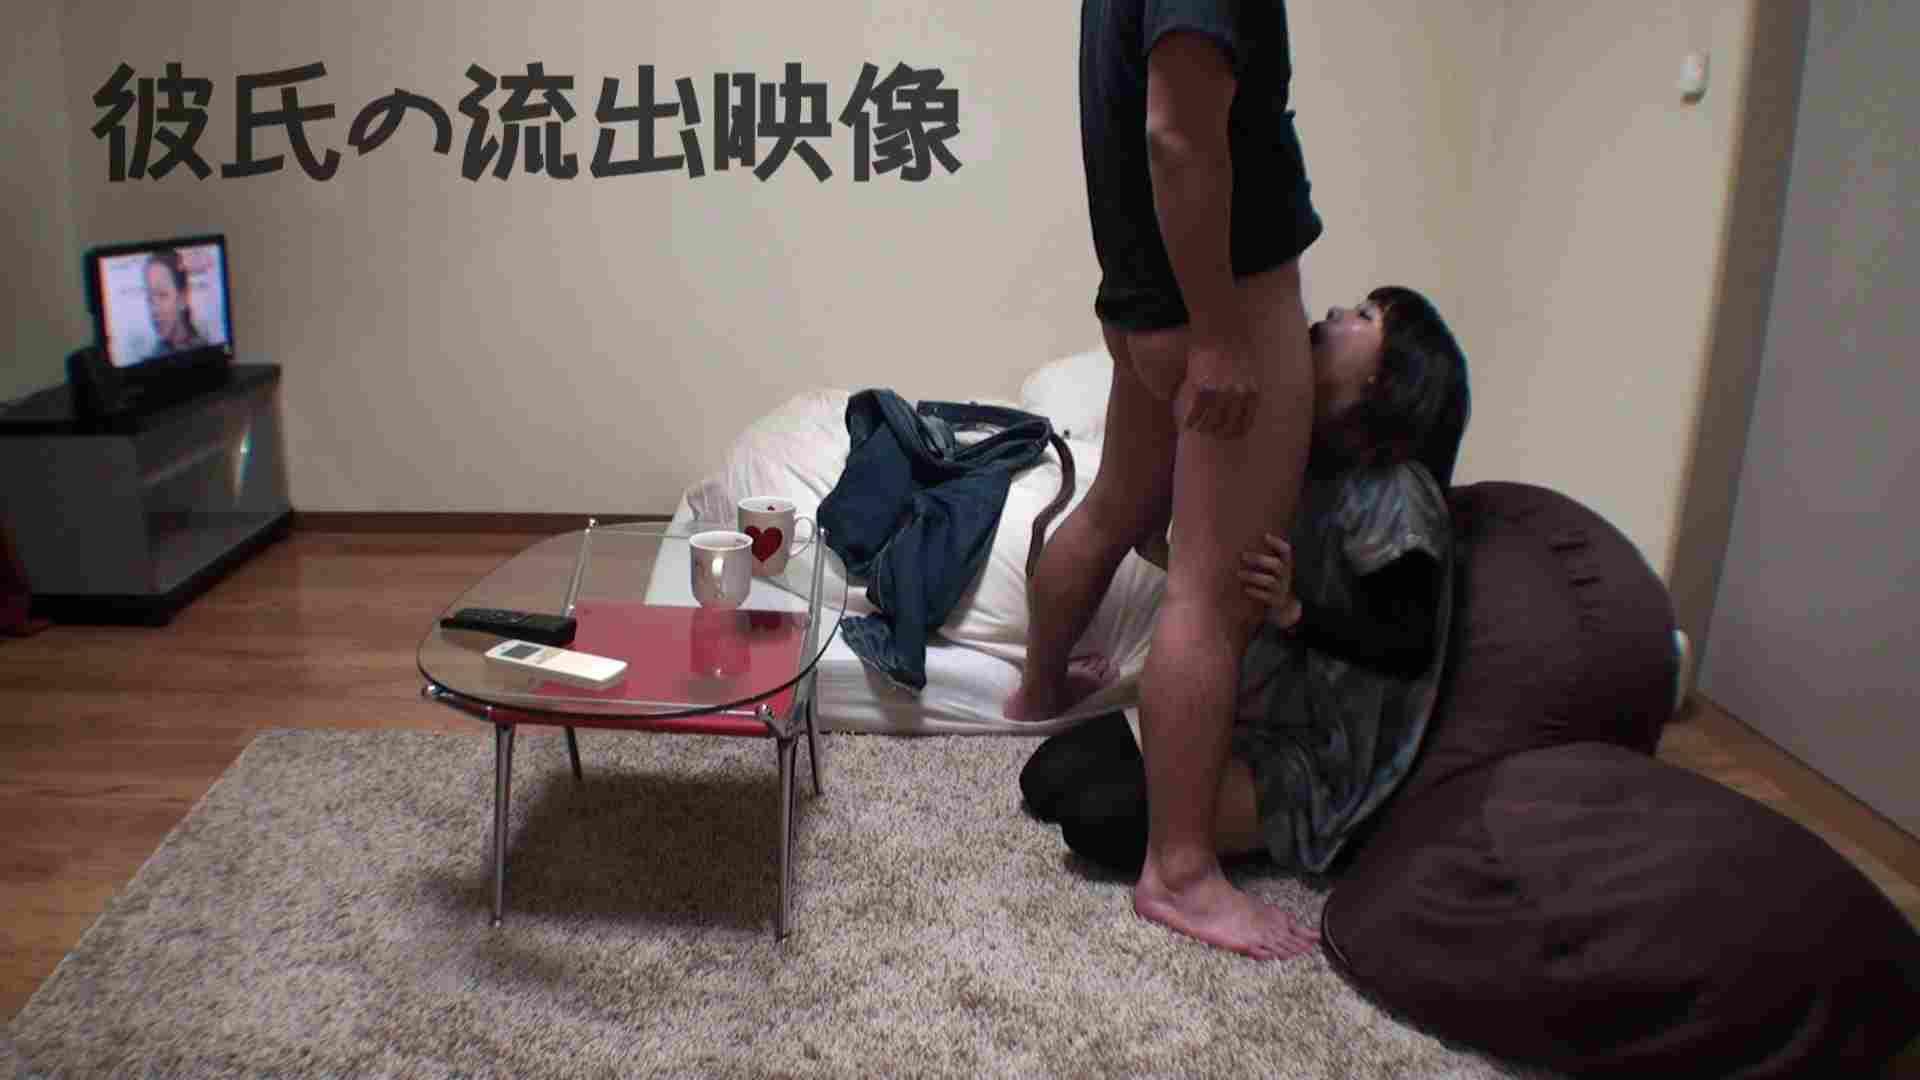 彼氏が流出 パイパン素人嬢のハメ撮り映像02 中出し AV動画キャプチャ 79pic 11